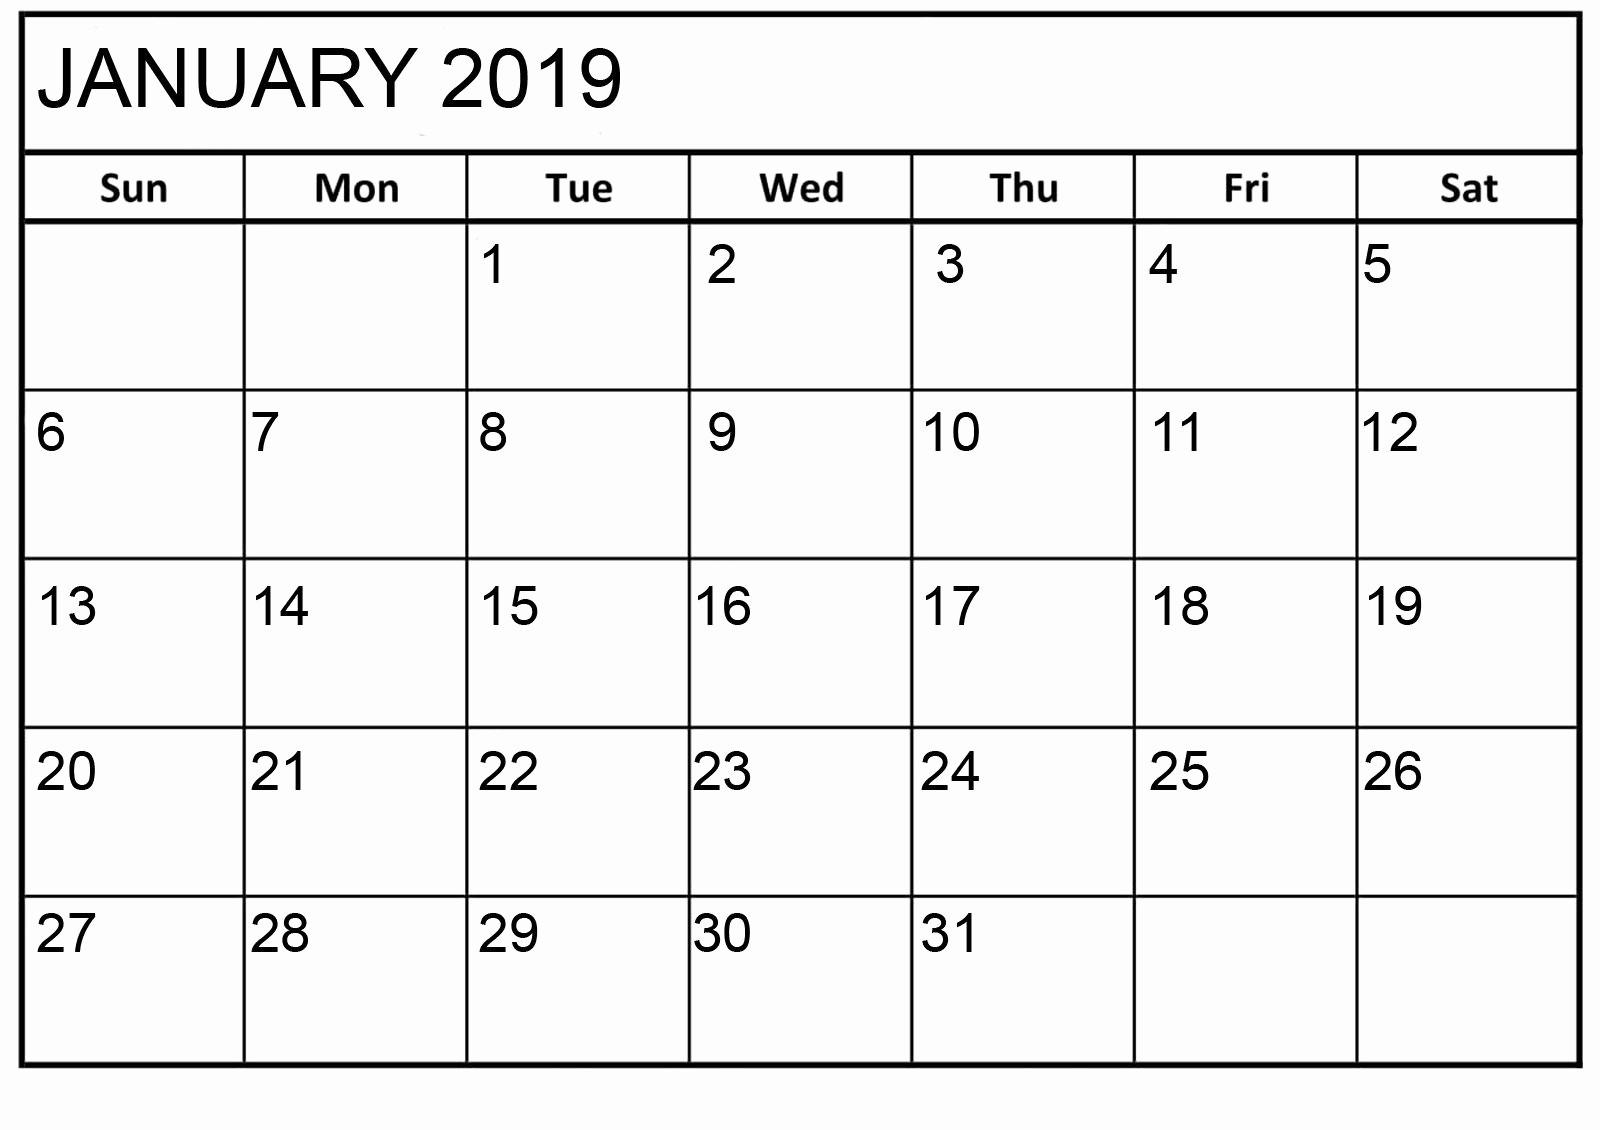 Blank January 2019 Calendar Template Lovely January 2019 Calendar Printable HTML